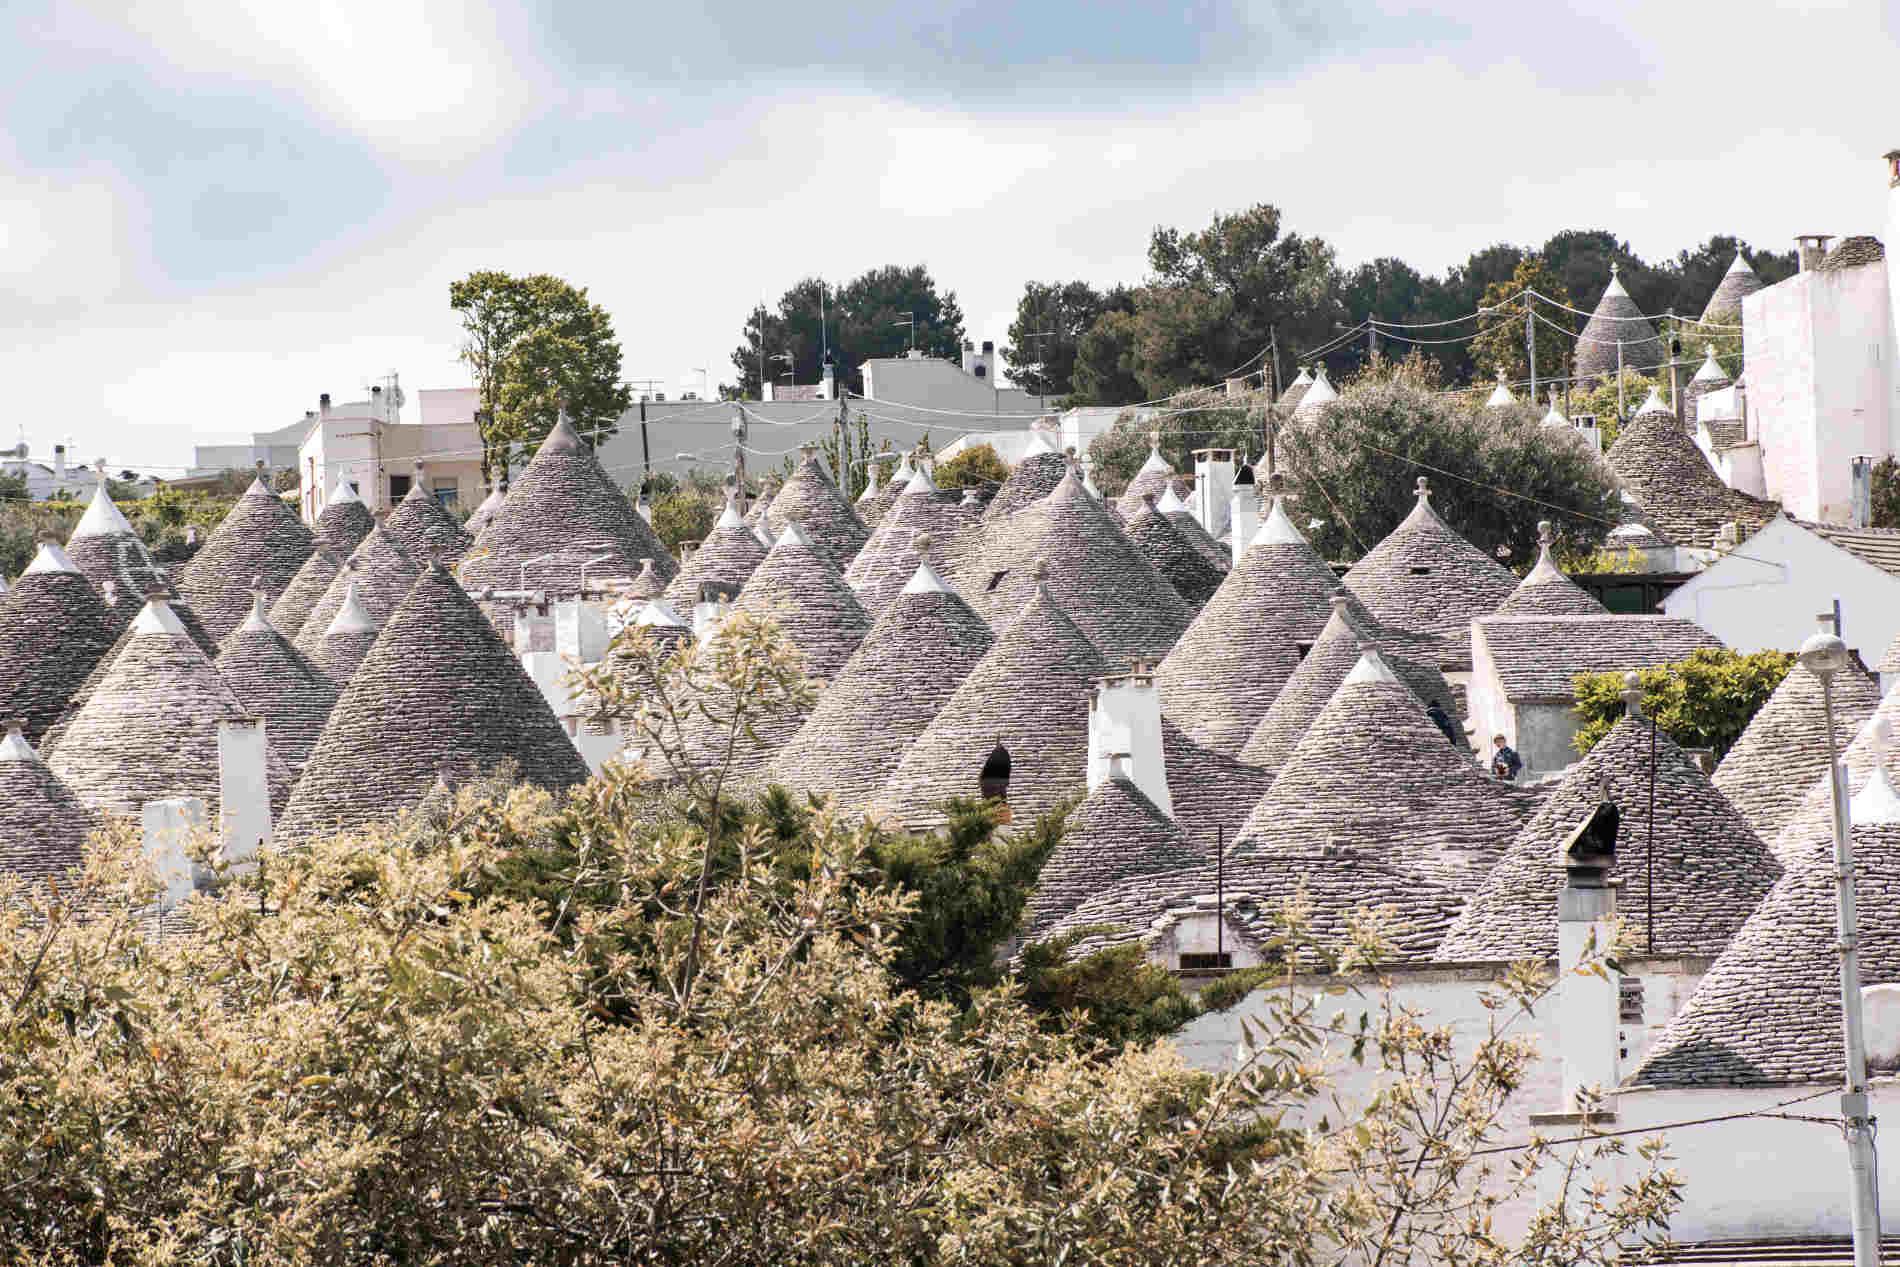 Panorama dei tetti dei trulli ad Alberobello sito UNESCO in Italia